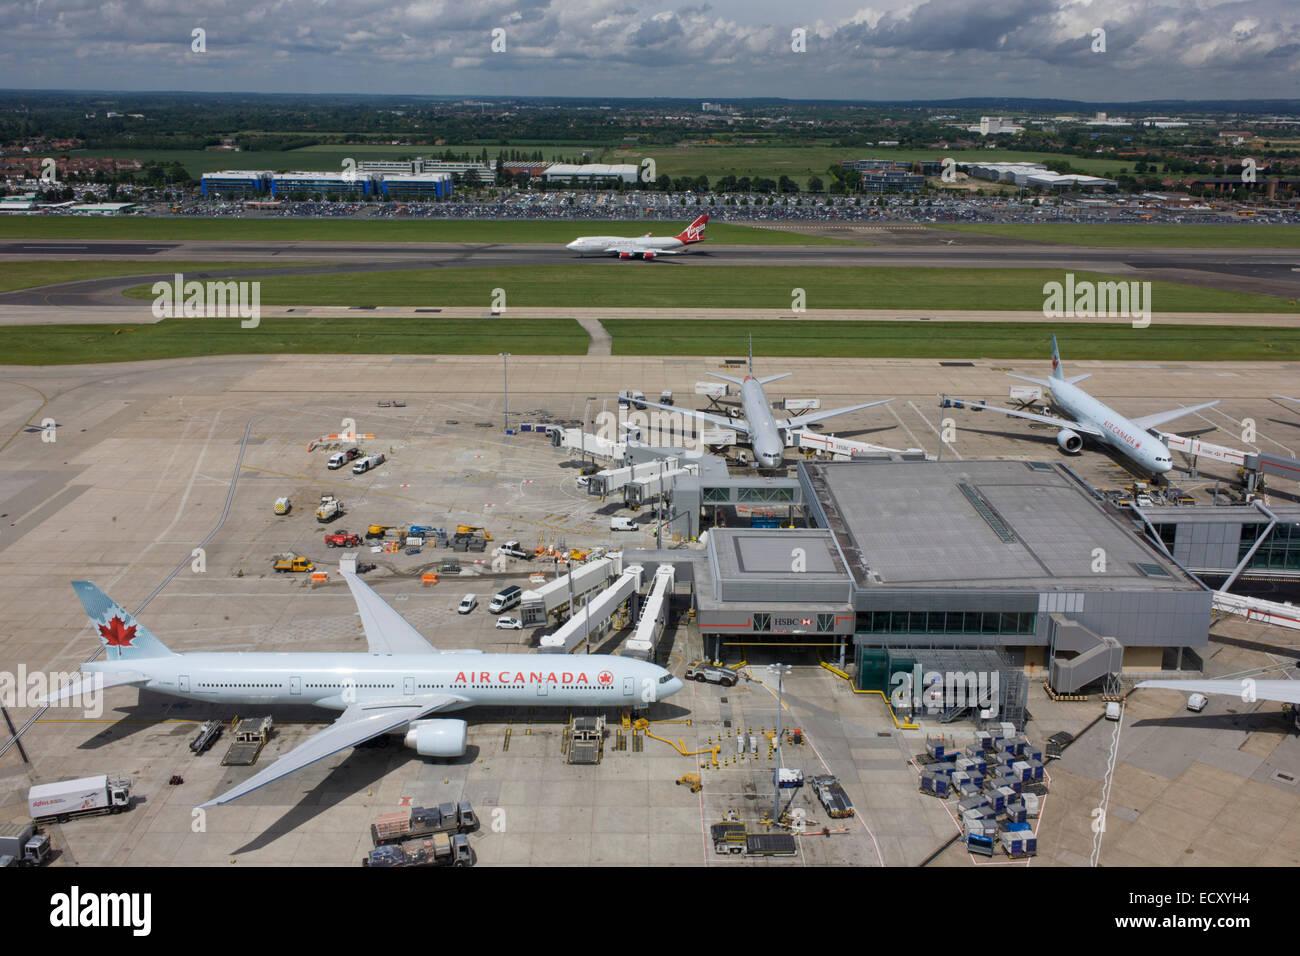 Vista aérea (mirando hacia el norte desde la torre de control del aeropuerto) mostrando la extensión de tierra con aviones de pasajeros del aeropuerto de Heathrow en Londres. Foto de stock